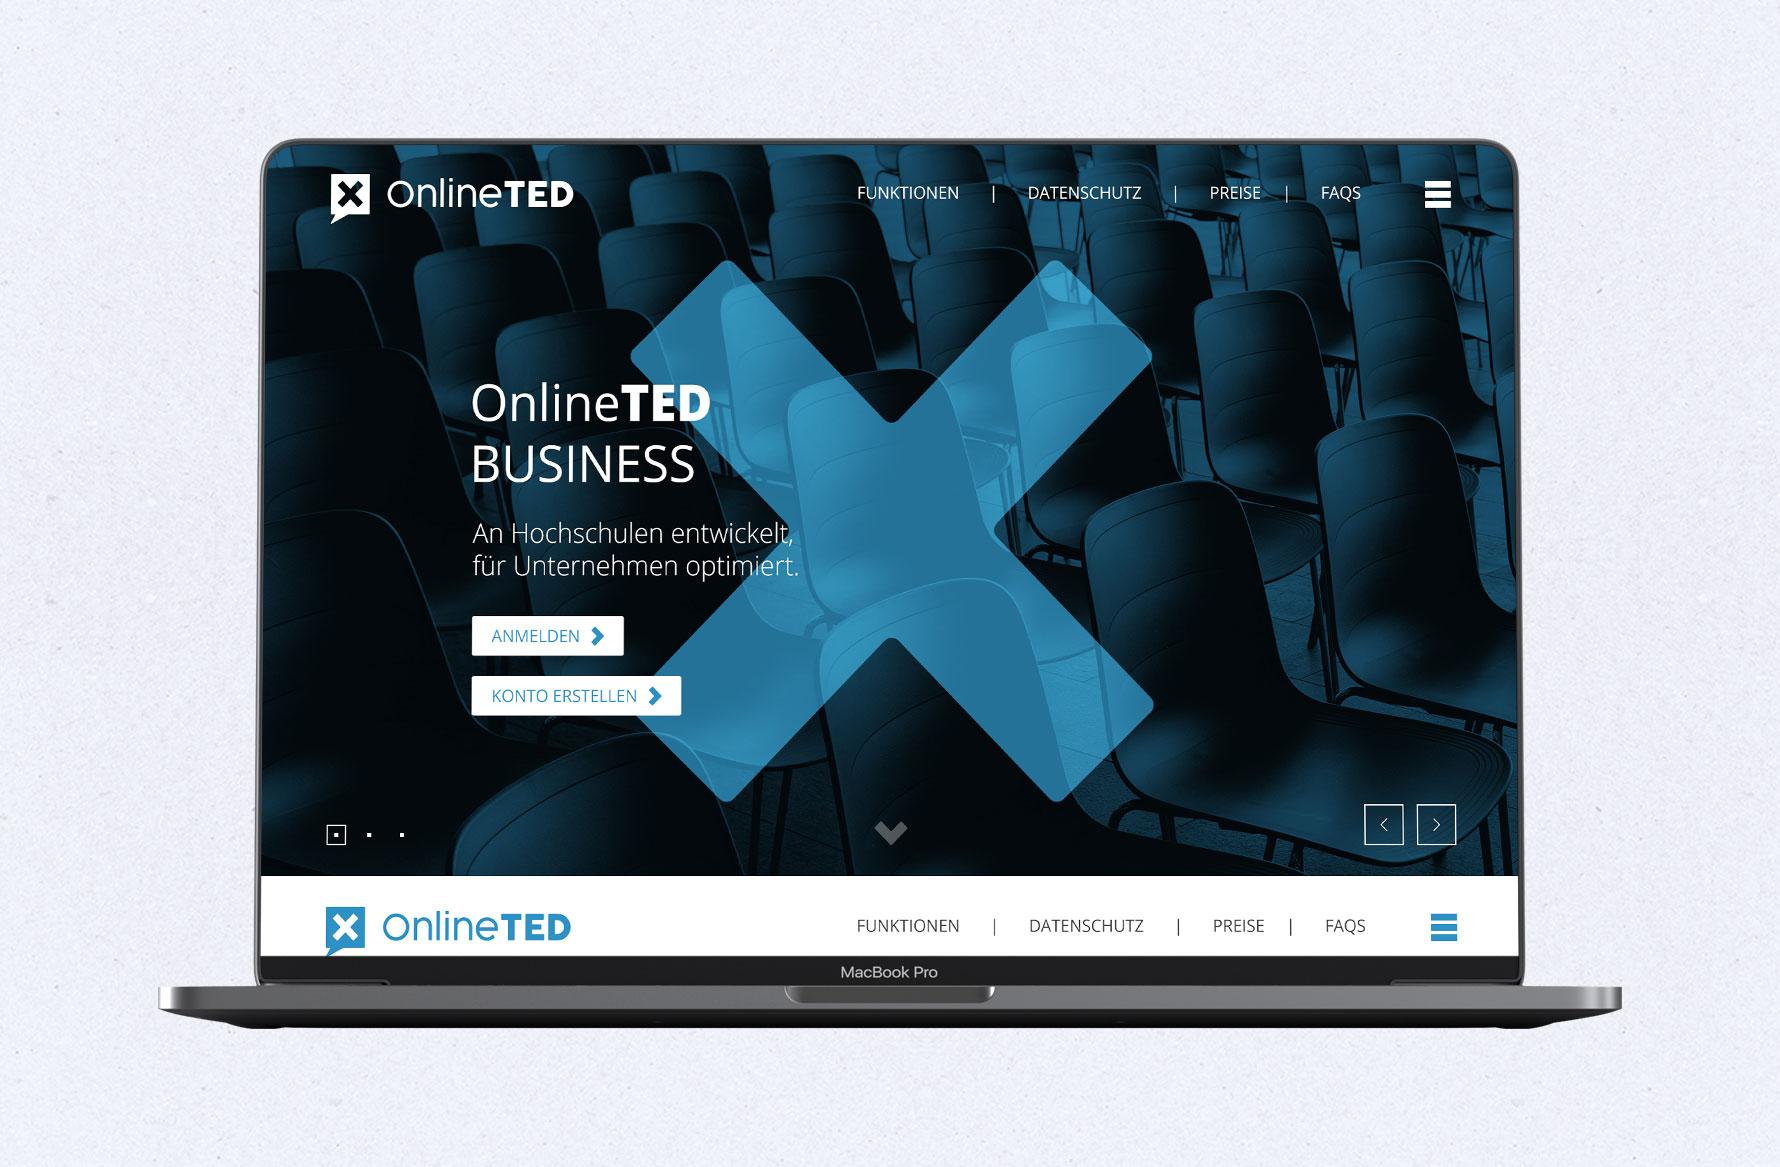 Hüfner Design | Referenz OnlineTED | Webpage